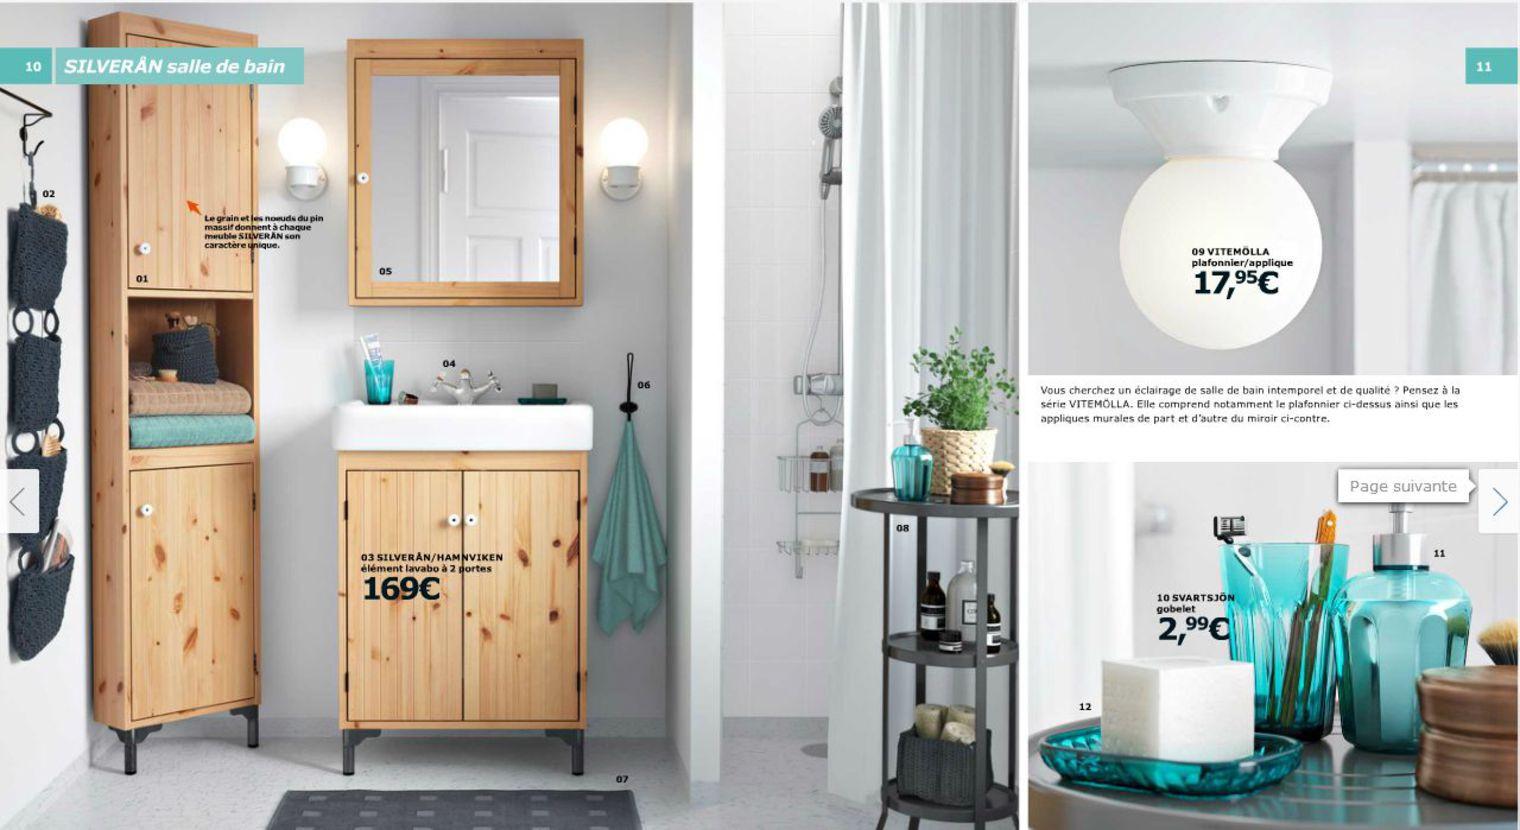 Lavabo et meuble d 39 angle pour salle de bain lille menage - Meuble d angle pour salle de bain ...